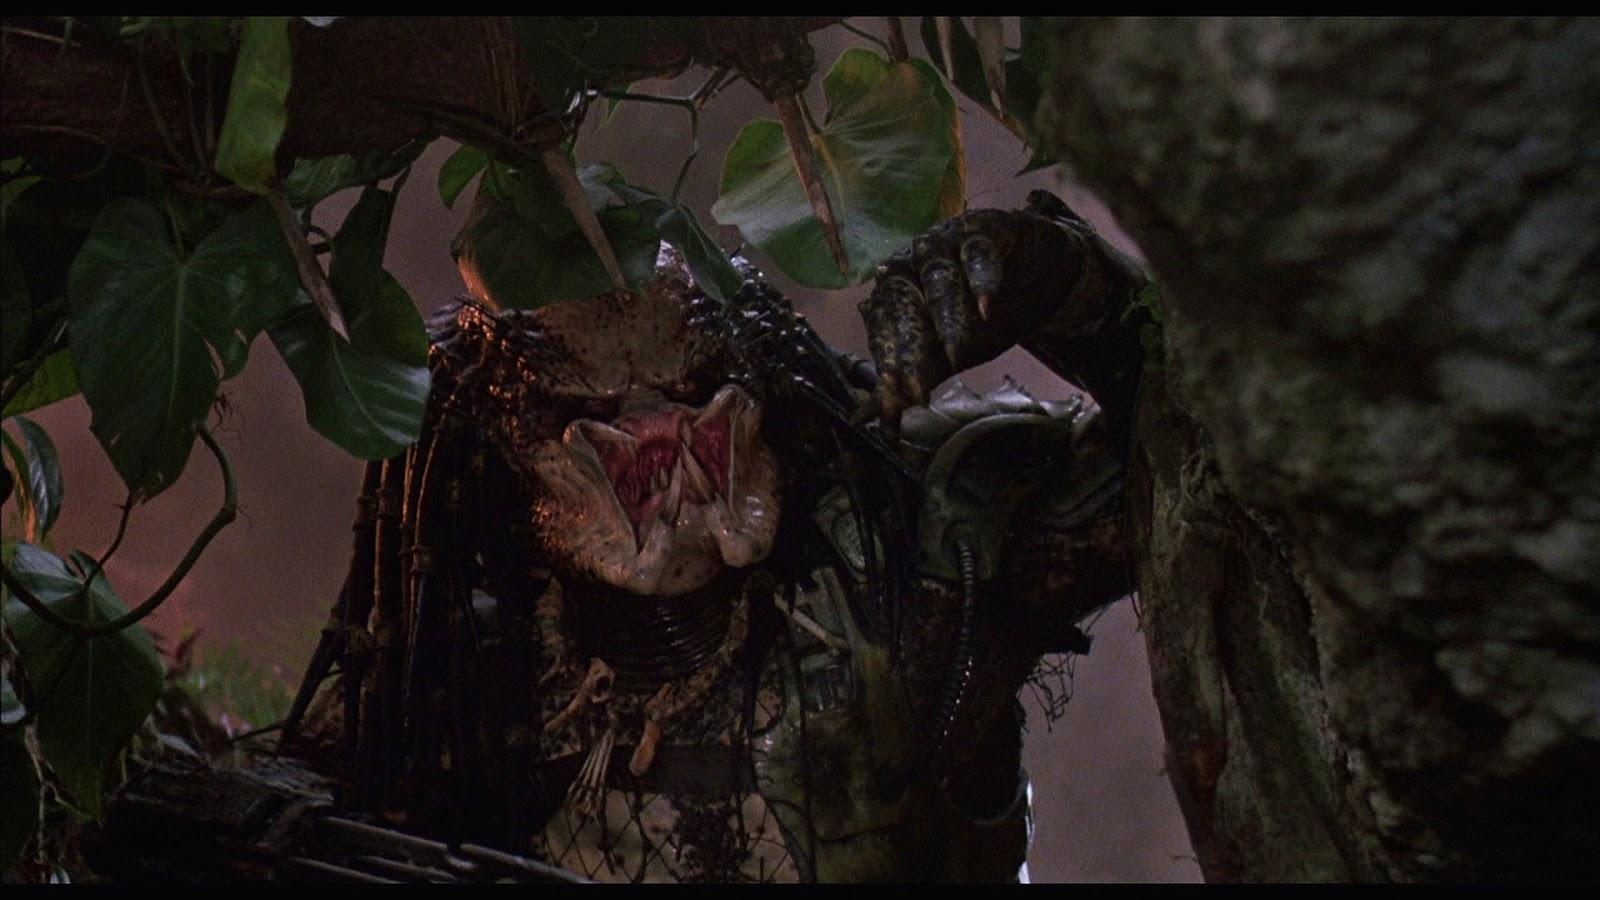 木の陰からこちらをうかがうプレデター